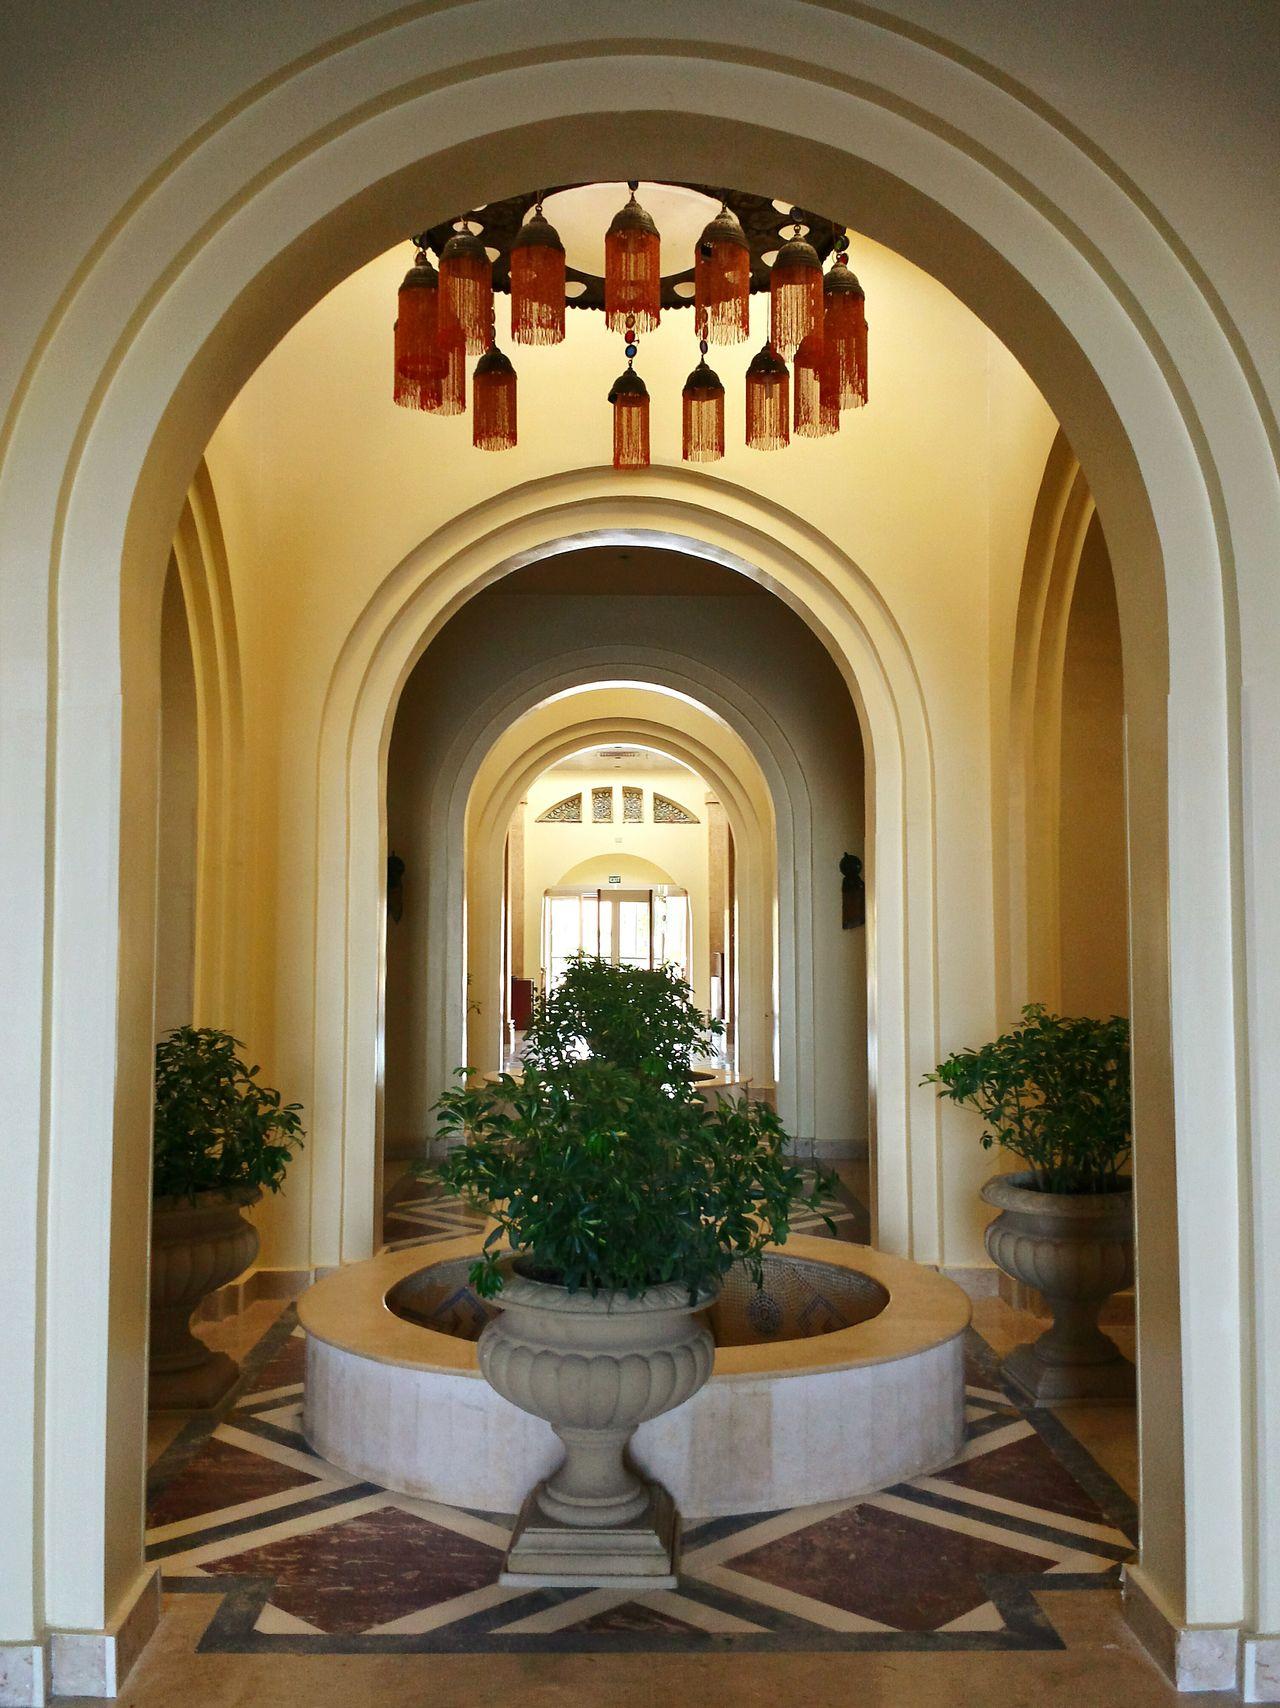 Ladyphotographerofthemonth Showcase: January Entrance Hall Hotel Lobby Baldachin Brunnen Zimmerpflanze Säulen Kronleuchter Bogen Arches Interior Views